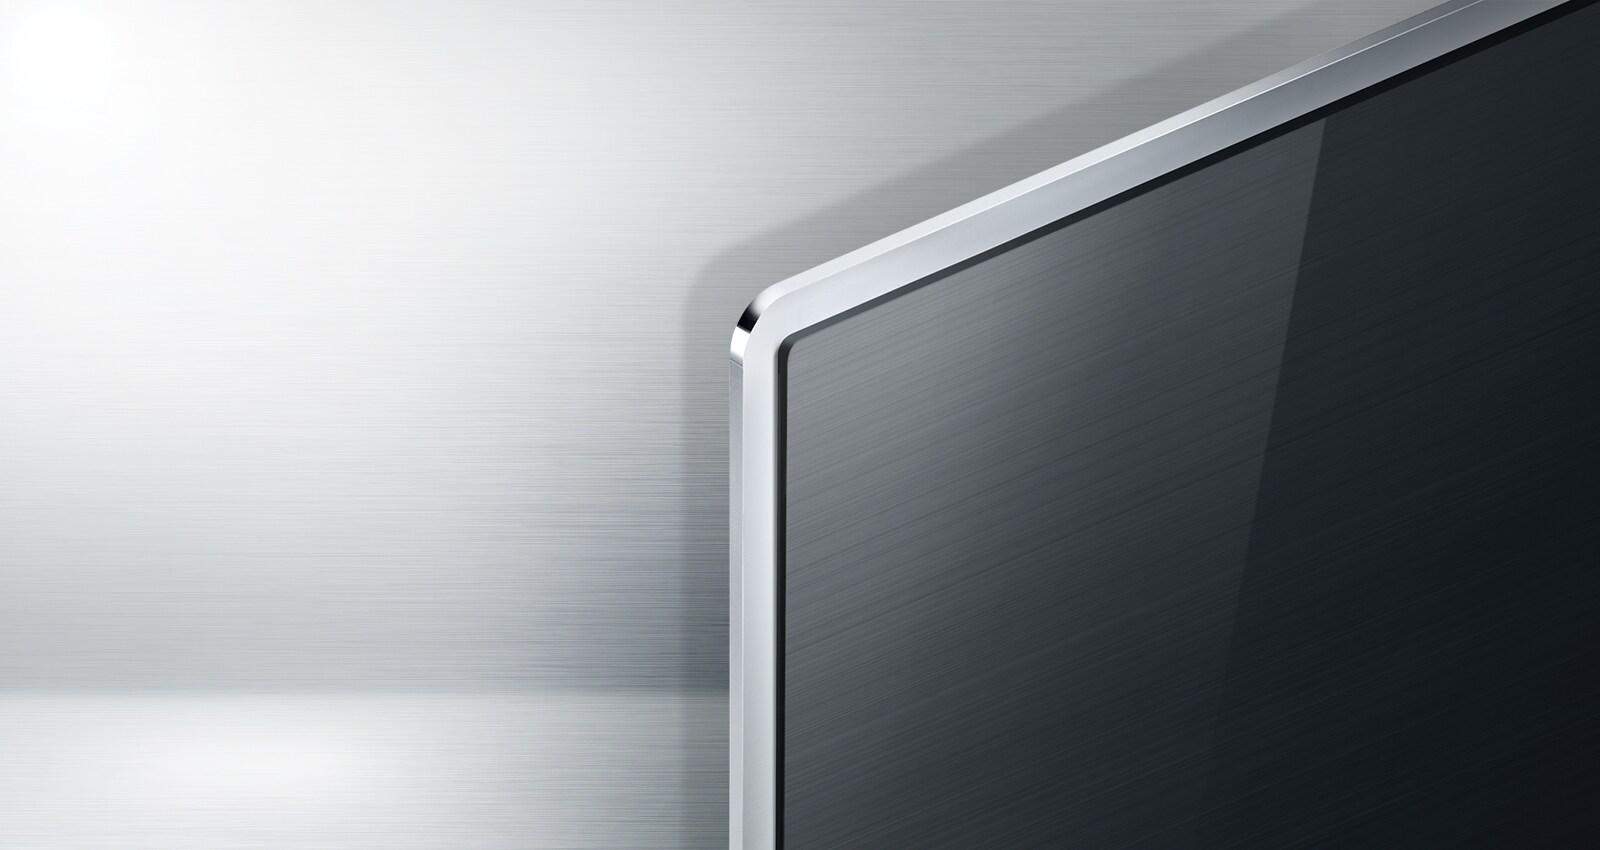 Metallic Design : ออกแบบอย่างลงตัวในสไตล์เมทัลลิก โฉบเฉี่ยวล้ำสมัย